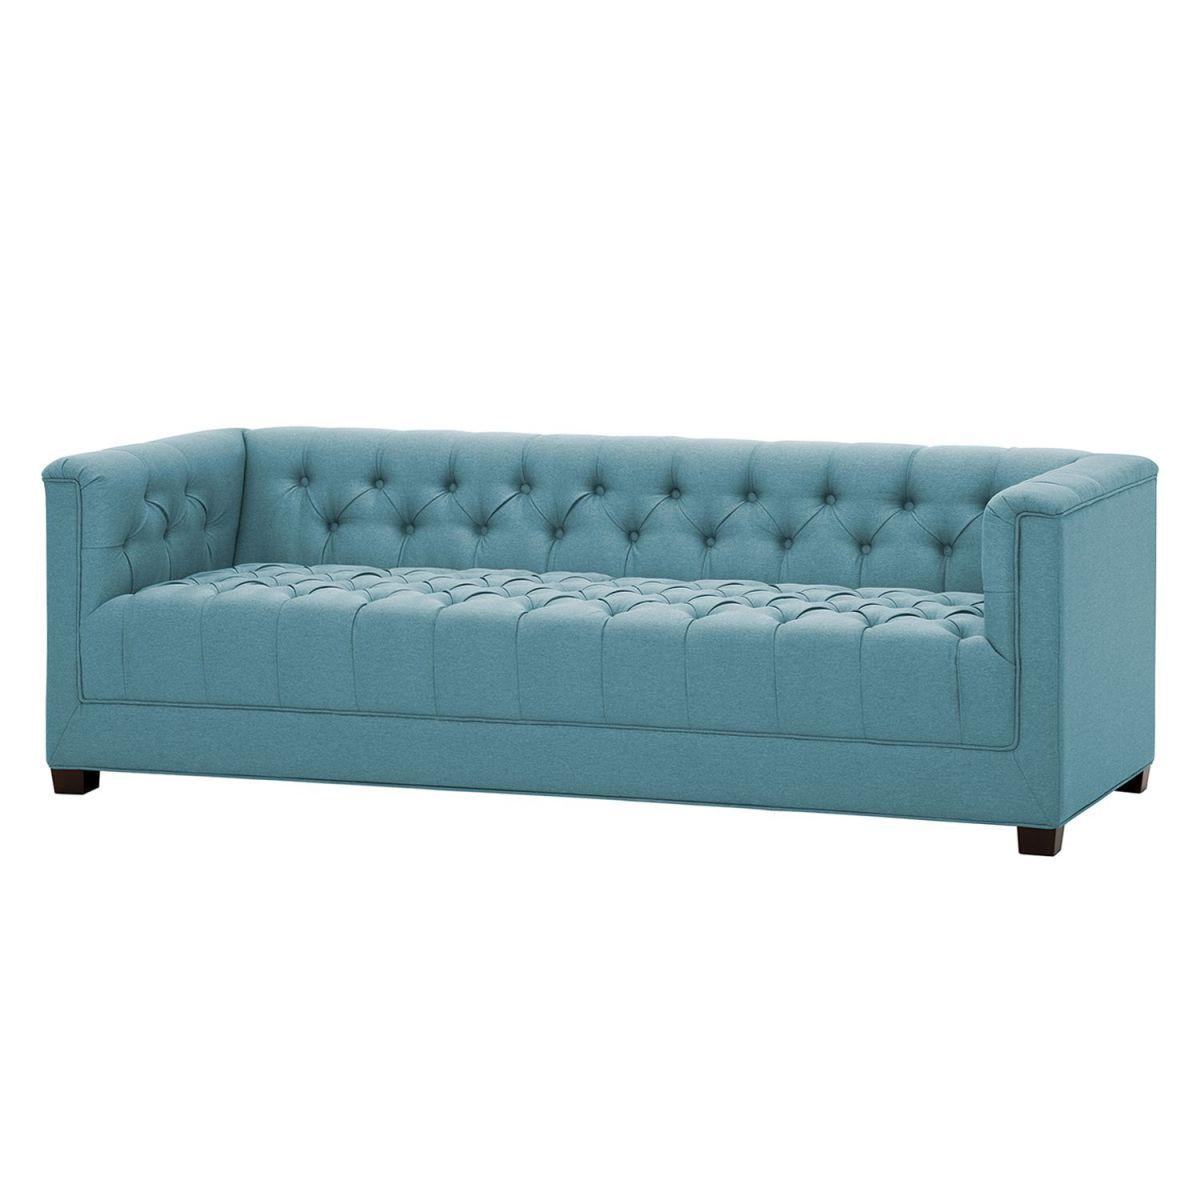 Sofa Grand 3 Sitzer Webstoff Jetzt Bestellen Unter Https Moebel Ladendirekt De Wohnzimmer Sofas 2 Und 3 Sitzer Sofas Sofas 3 Sitzer Sofa Wohnzimmer Sofa